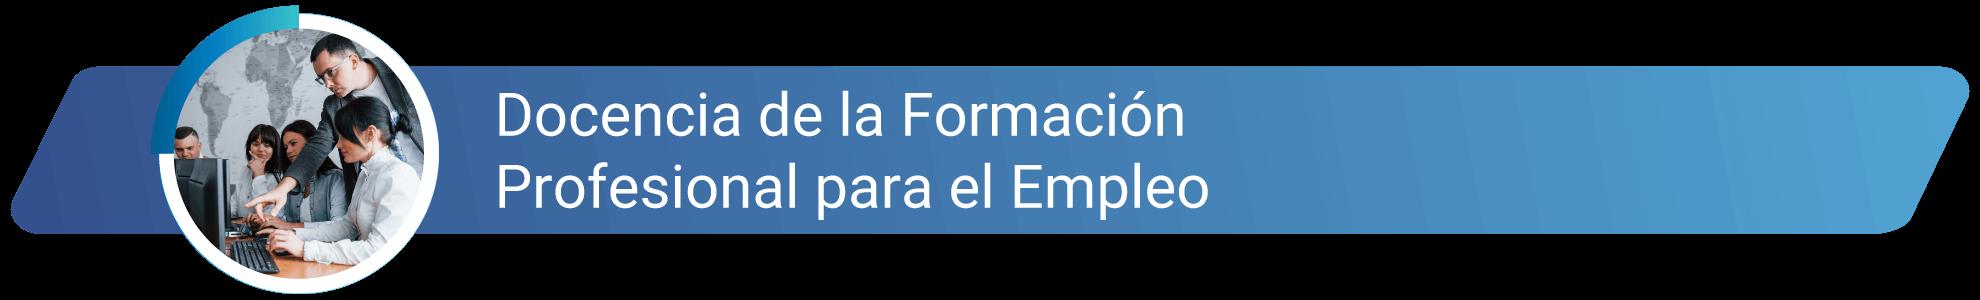 Docencia de la Formación-Profesional para el Empleo